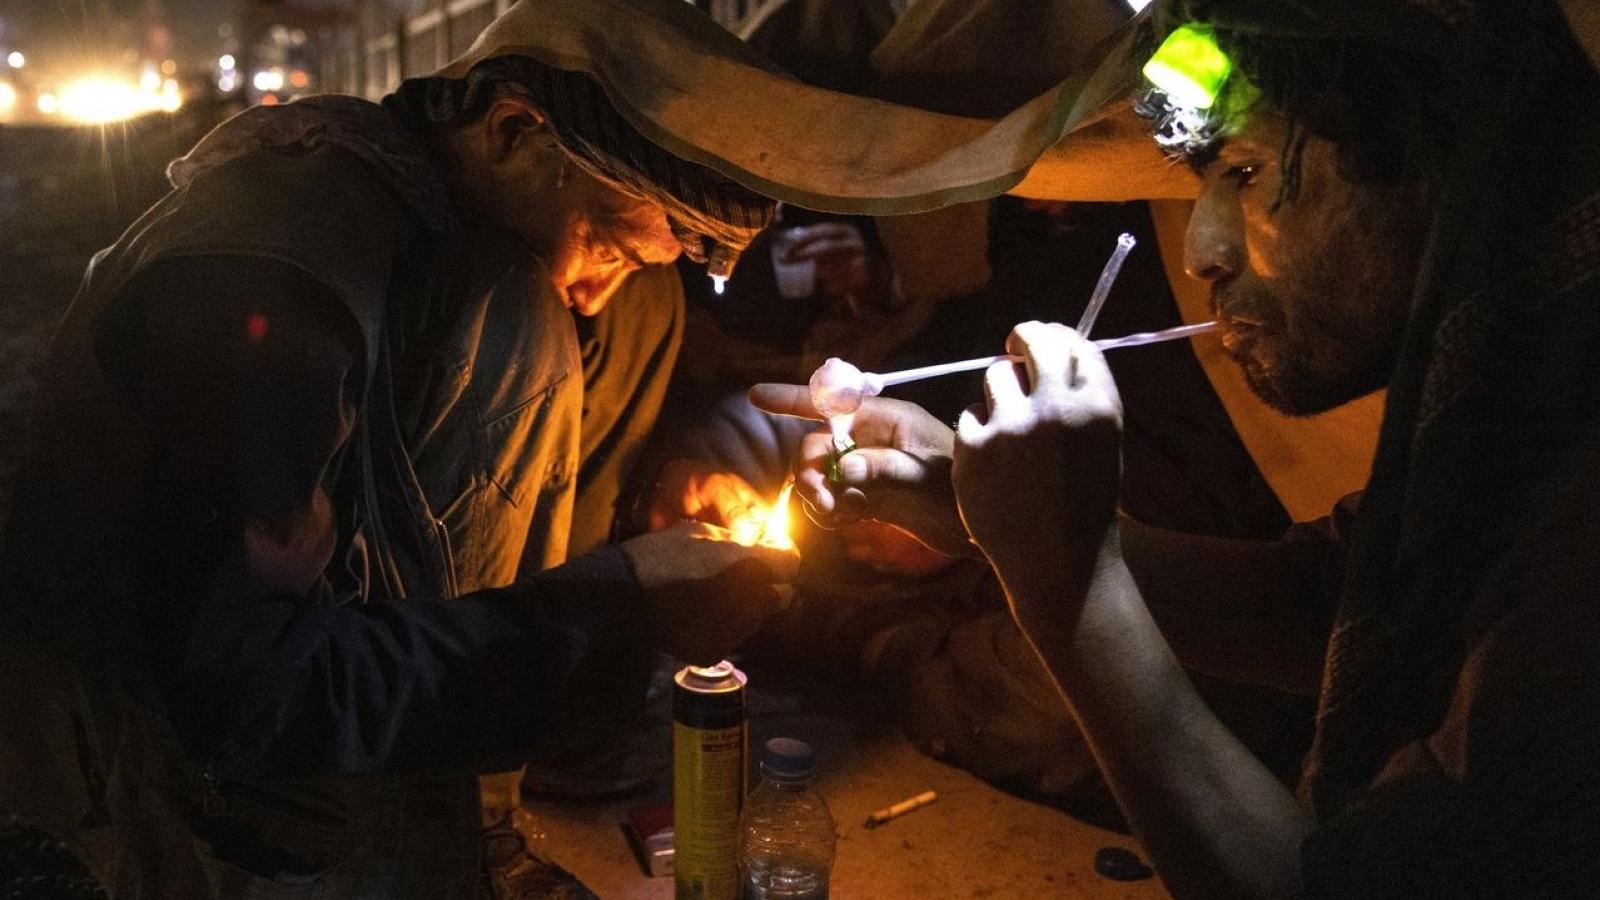 Taliban ra lệnh cấm trồng thuốc phiện, giá nguyên liệu chế heroin tăng vọt ở Afghanistan